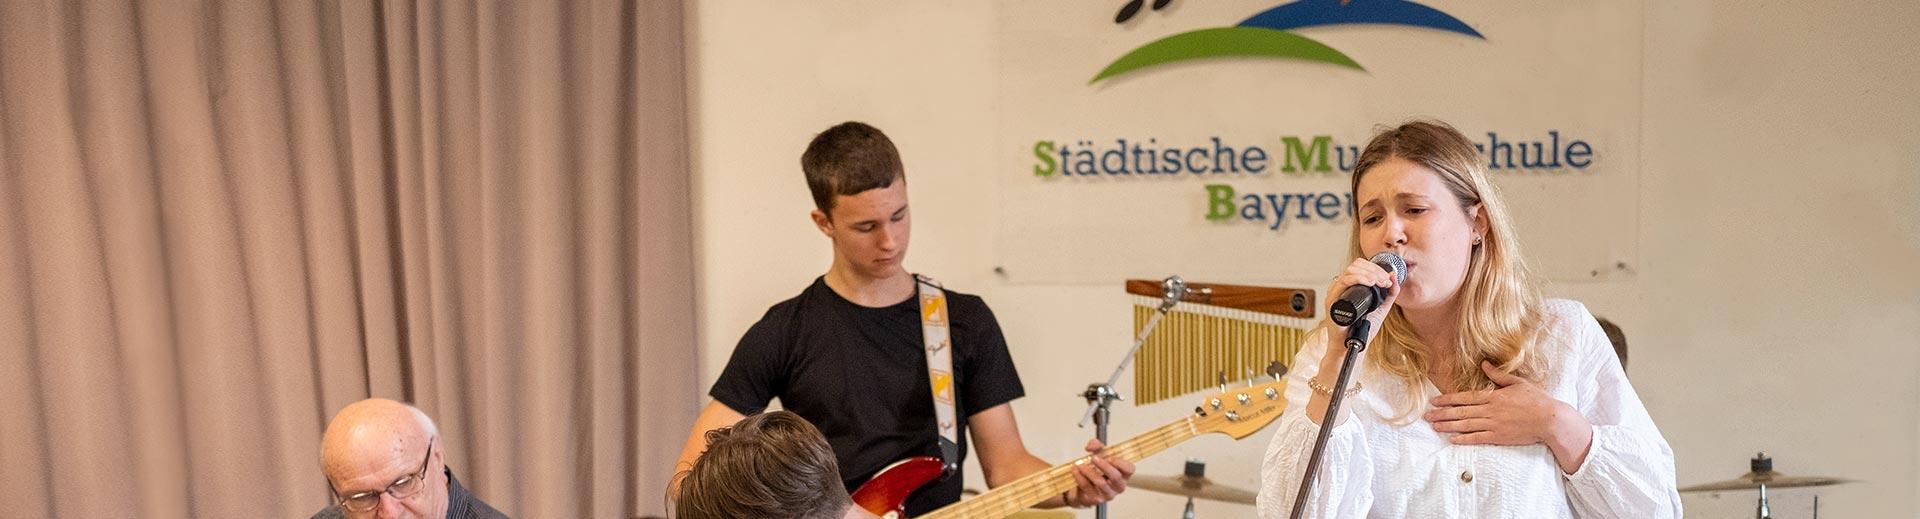 Musikschulband – Musikschule Bayreuth